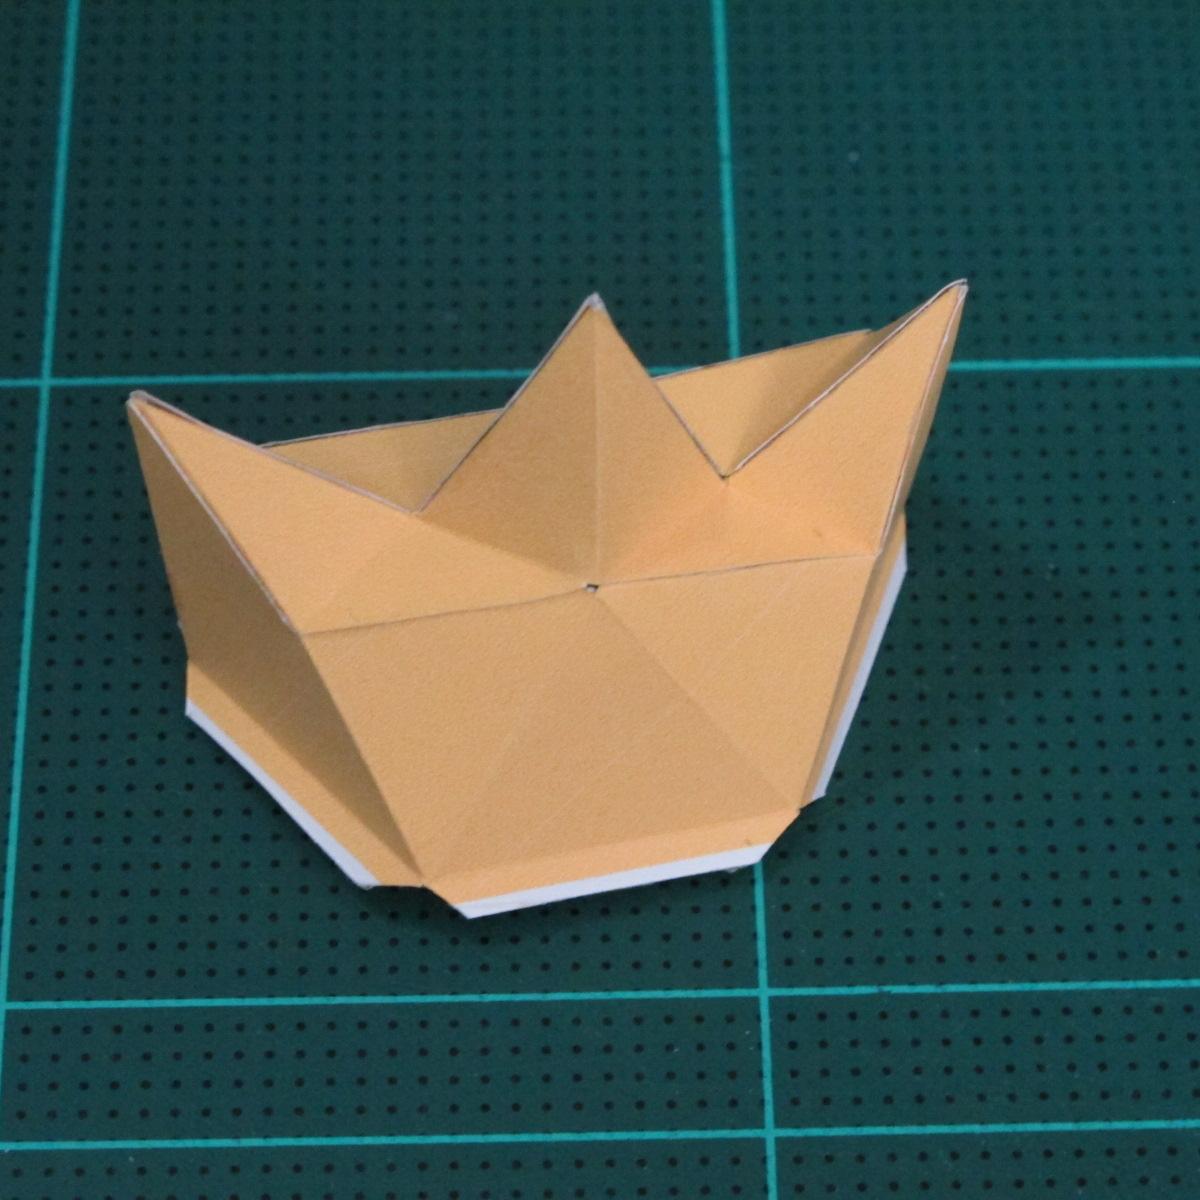 วิธีทำโมเดลกระดาษตุ้กตาสัตว์เลี้ยง หยดทองจากเกมส์ คุกกี้รัน (LINE Cookie Run Gold Drop Papercraft Model - クッキーラン  「黄金ドロップ」 ペーパークラフト) 010